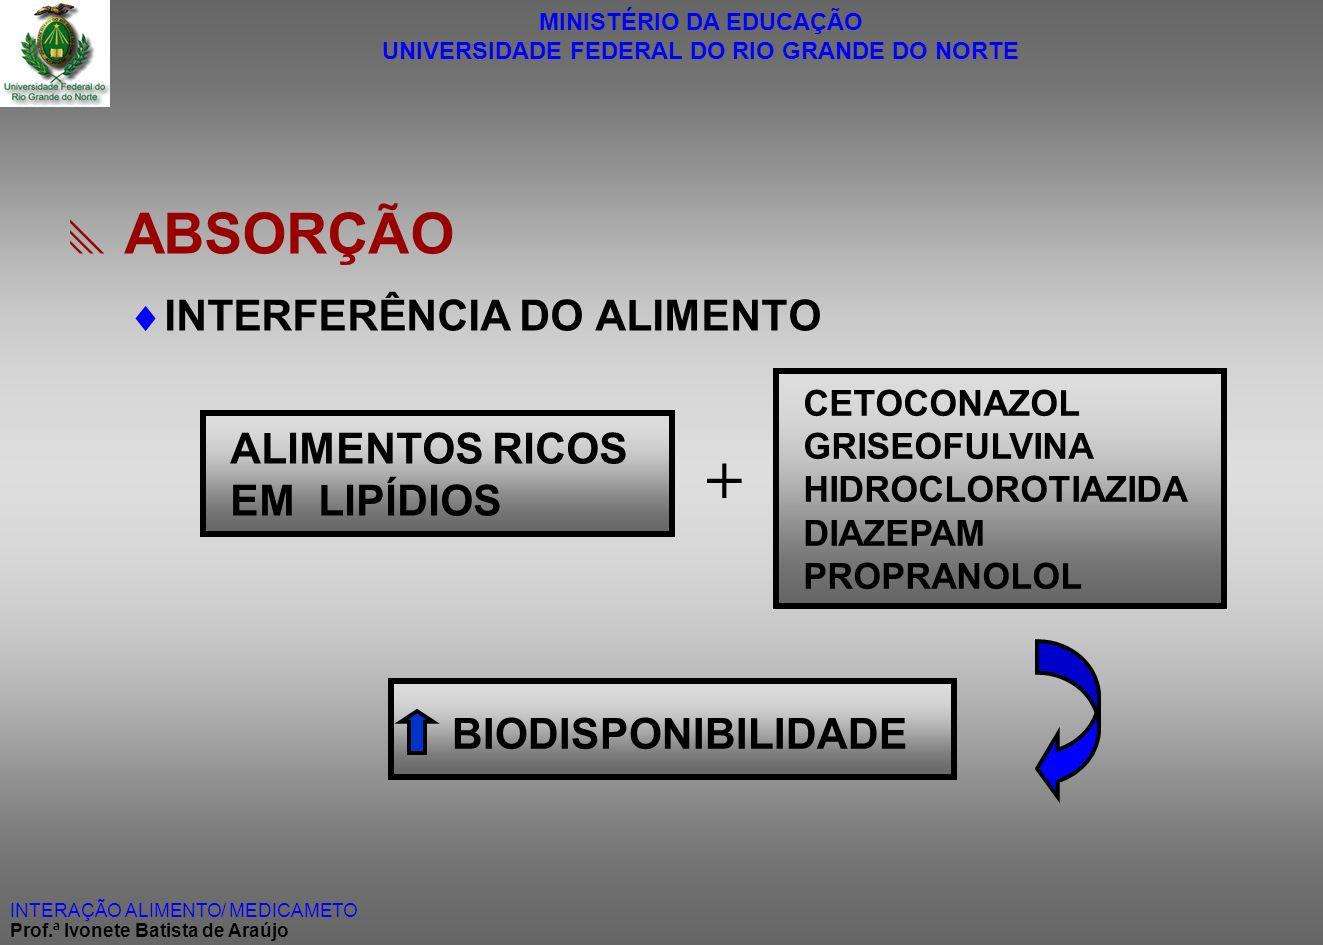 MINISTÉRIO DA EDUCAÇÃO UNIVERSIDADE FEDERAL DO RIO GRANDE DO NORTE INTERAÇÃO ALIMENTO/ MEDICAMETO Prof.ª Ivonete Batista de Araújo ABSORÇÃO INTERFERÊN